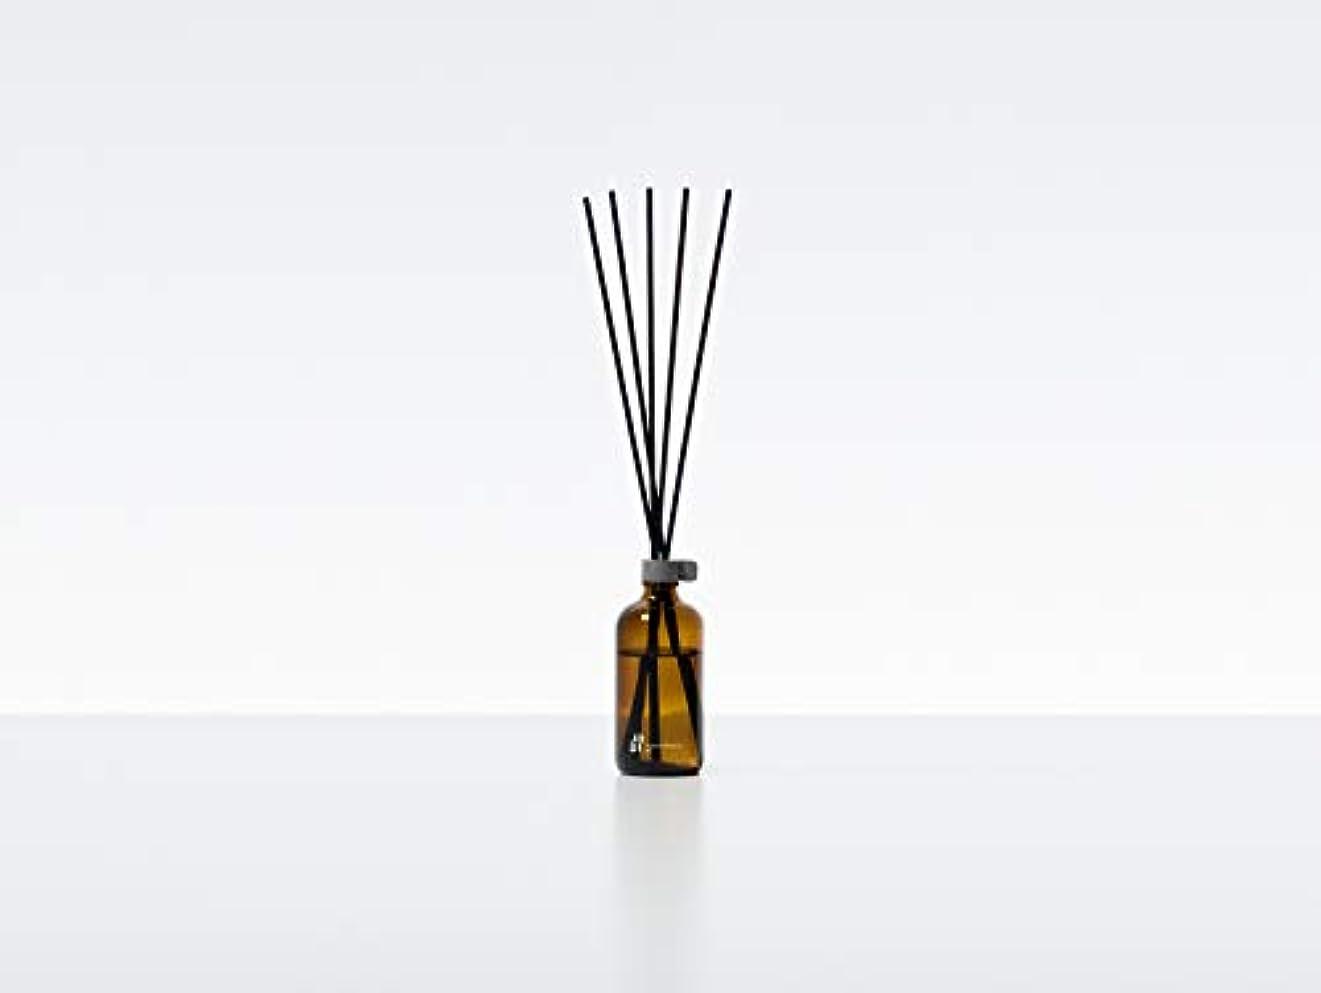 寄託エレガント慈悲JD01 清 stick diffuser set